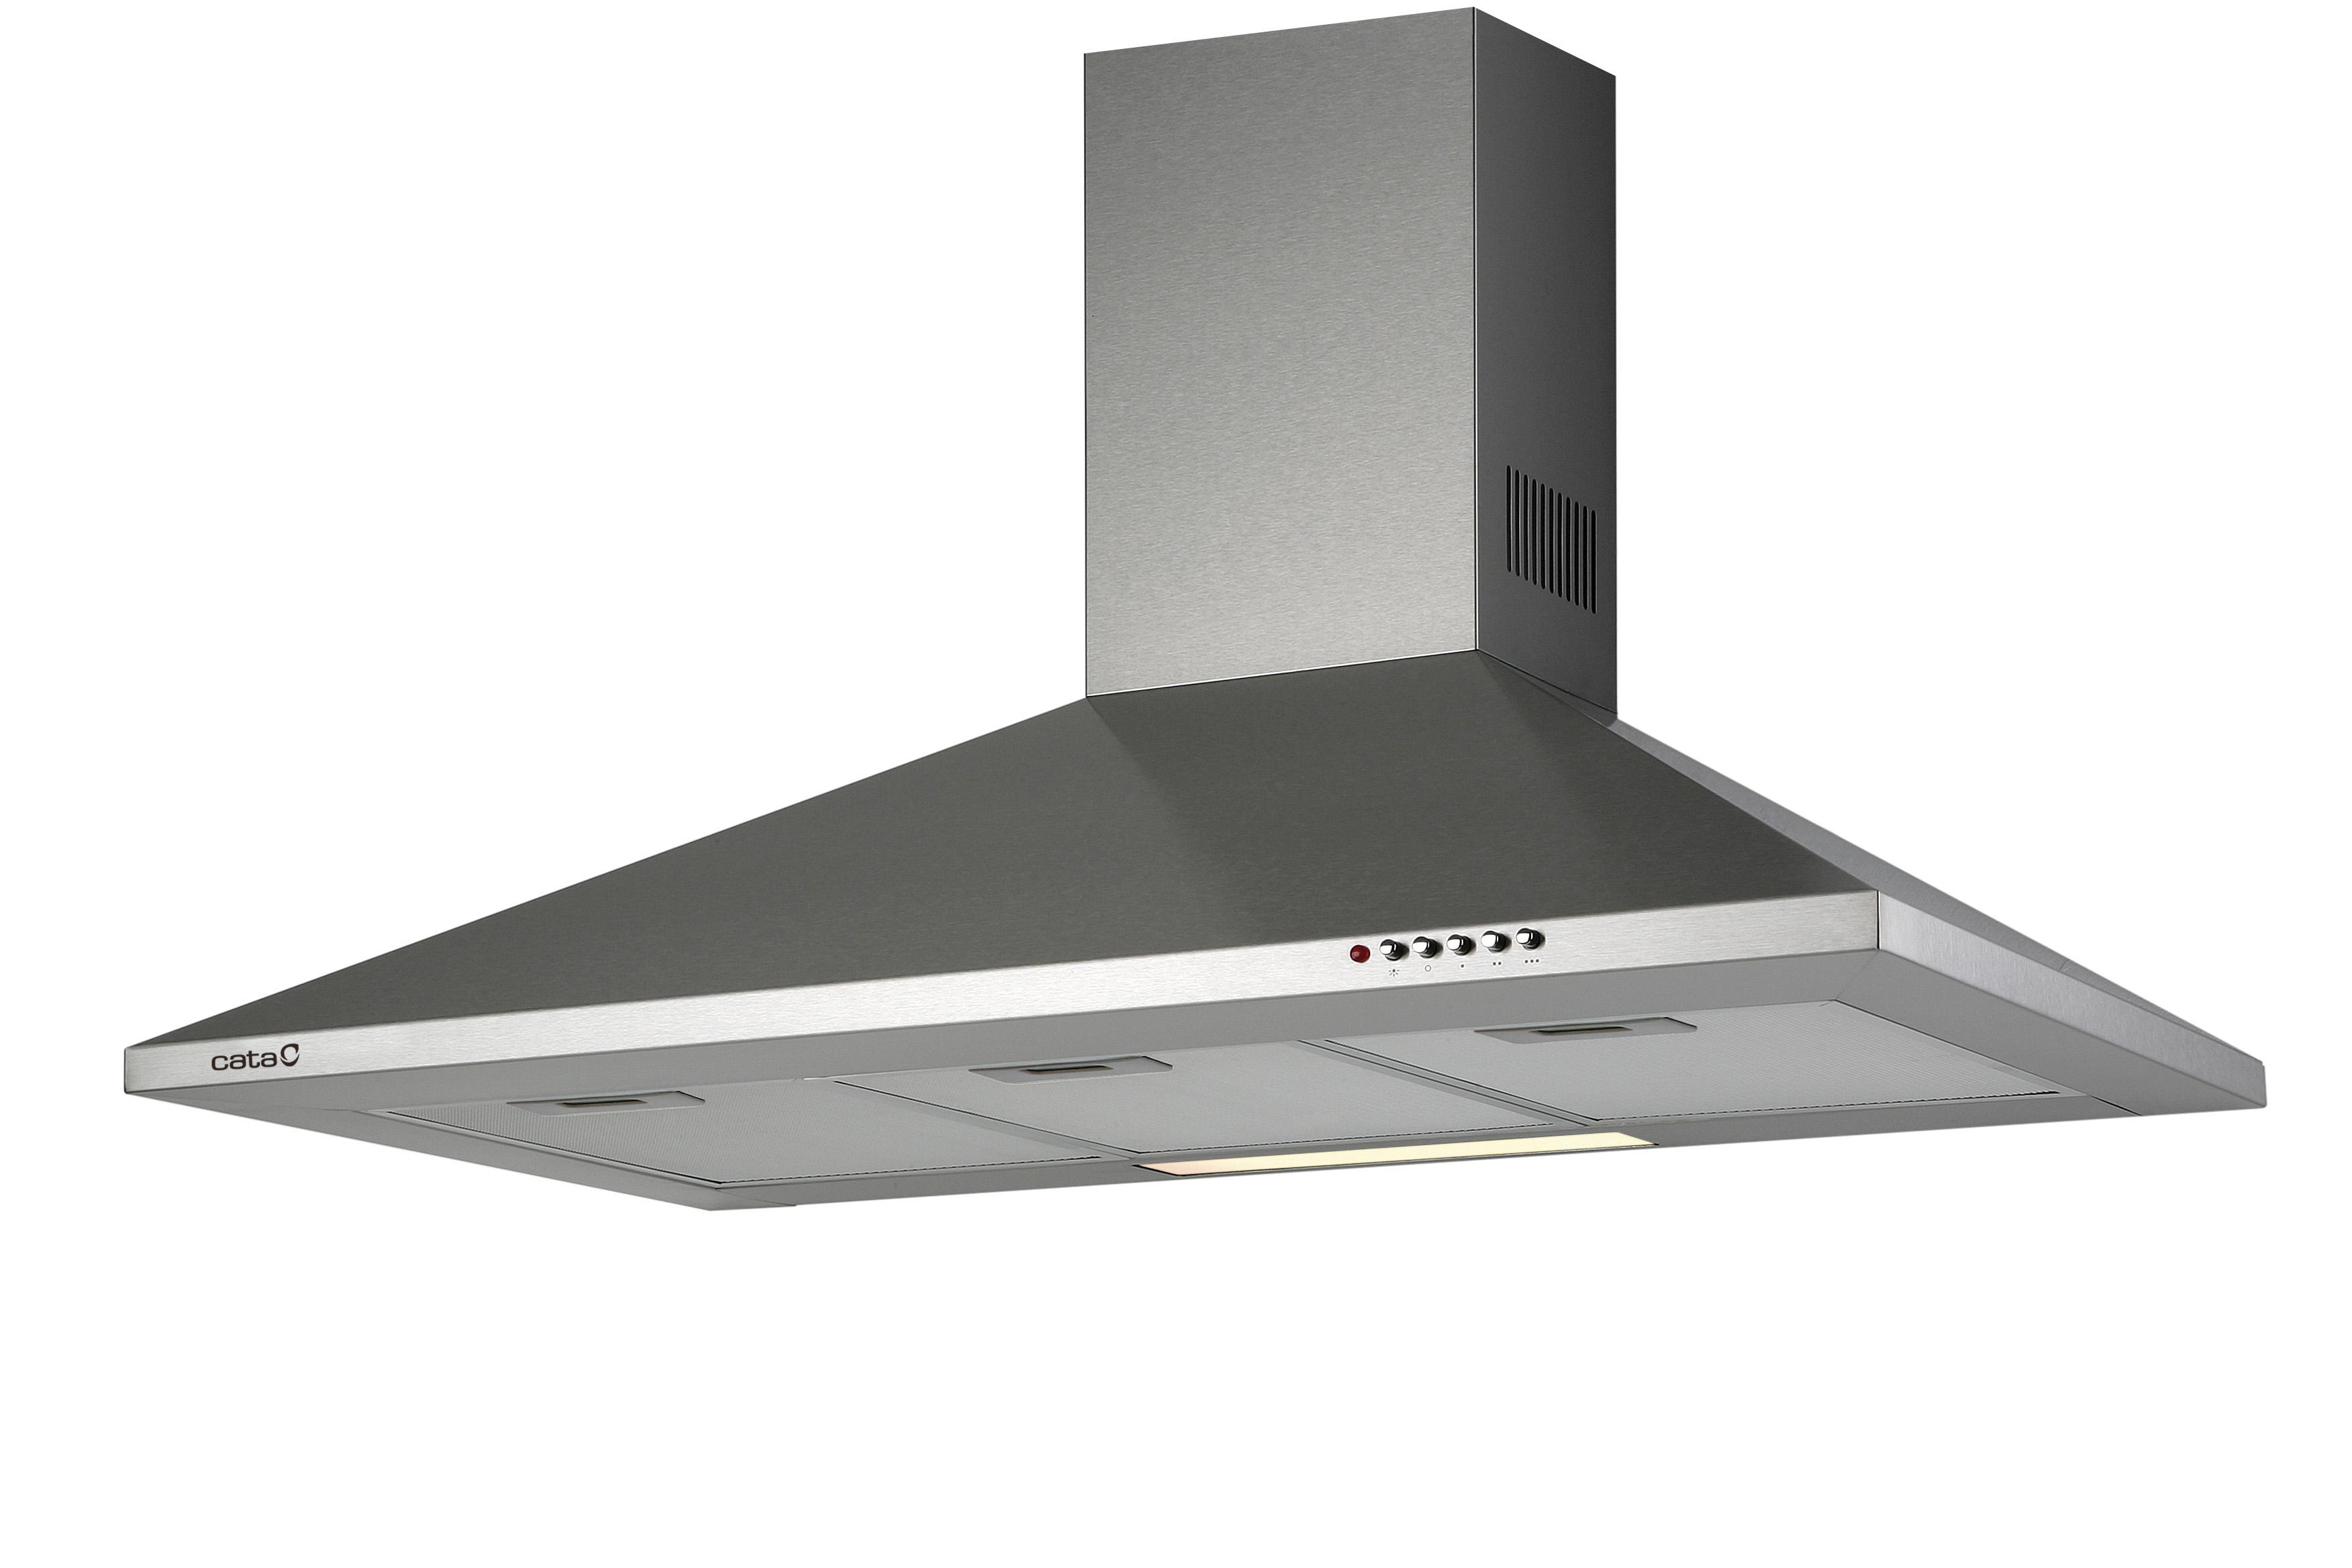 V Cata Appliances